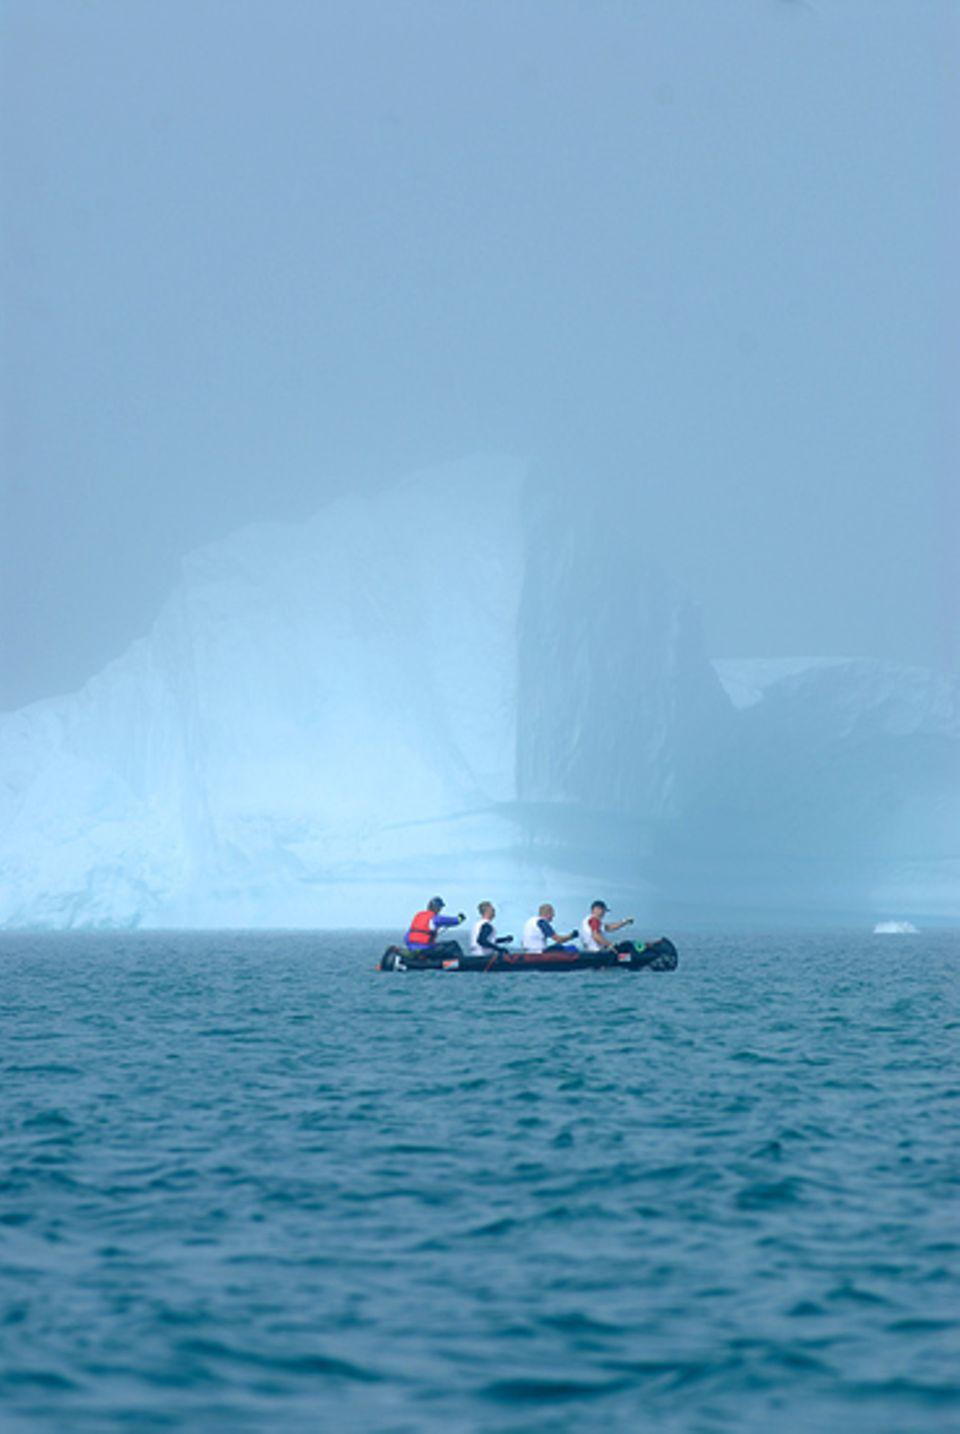 Angst vor dem Kollaps: Fallendes Eis erzeugt gefaehrliche Wellen